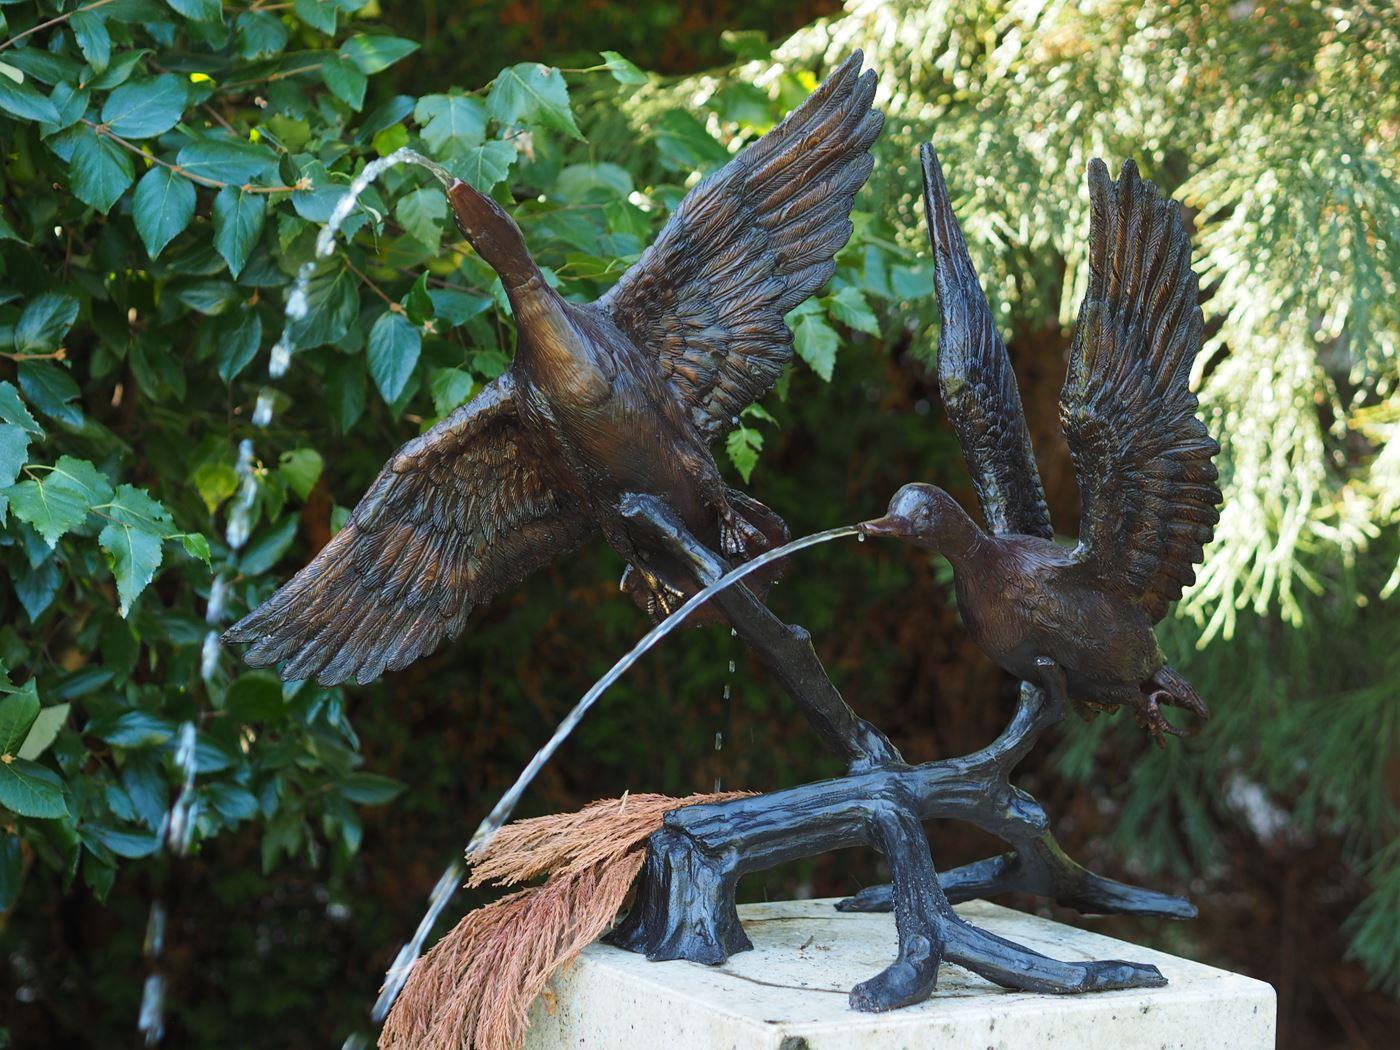 bronzen beeld - 2 eenden fontein